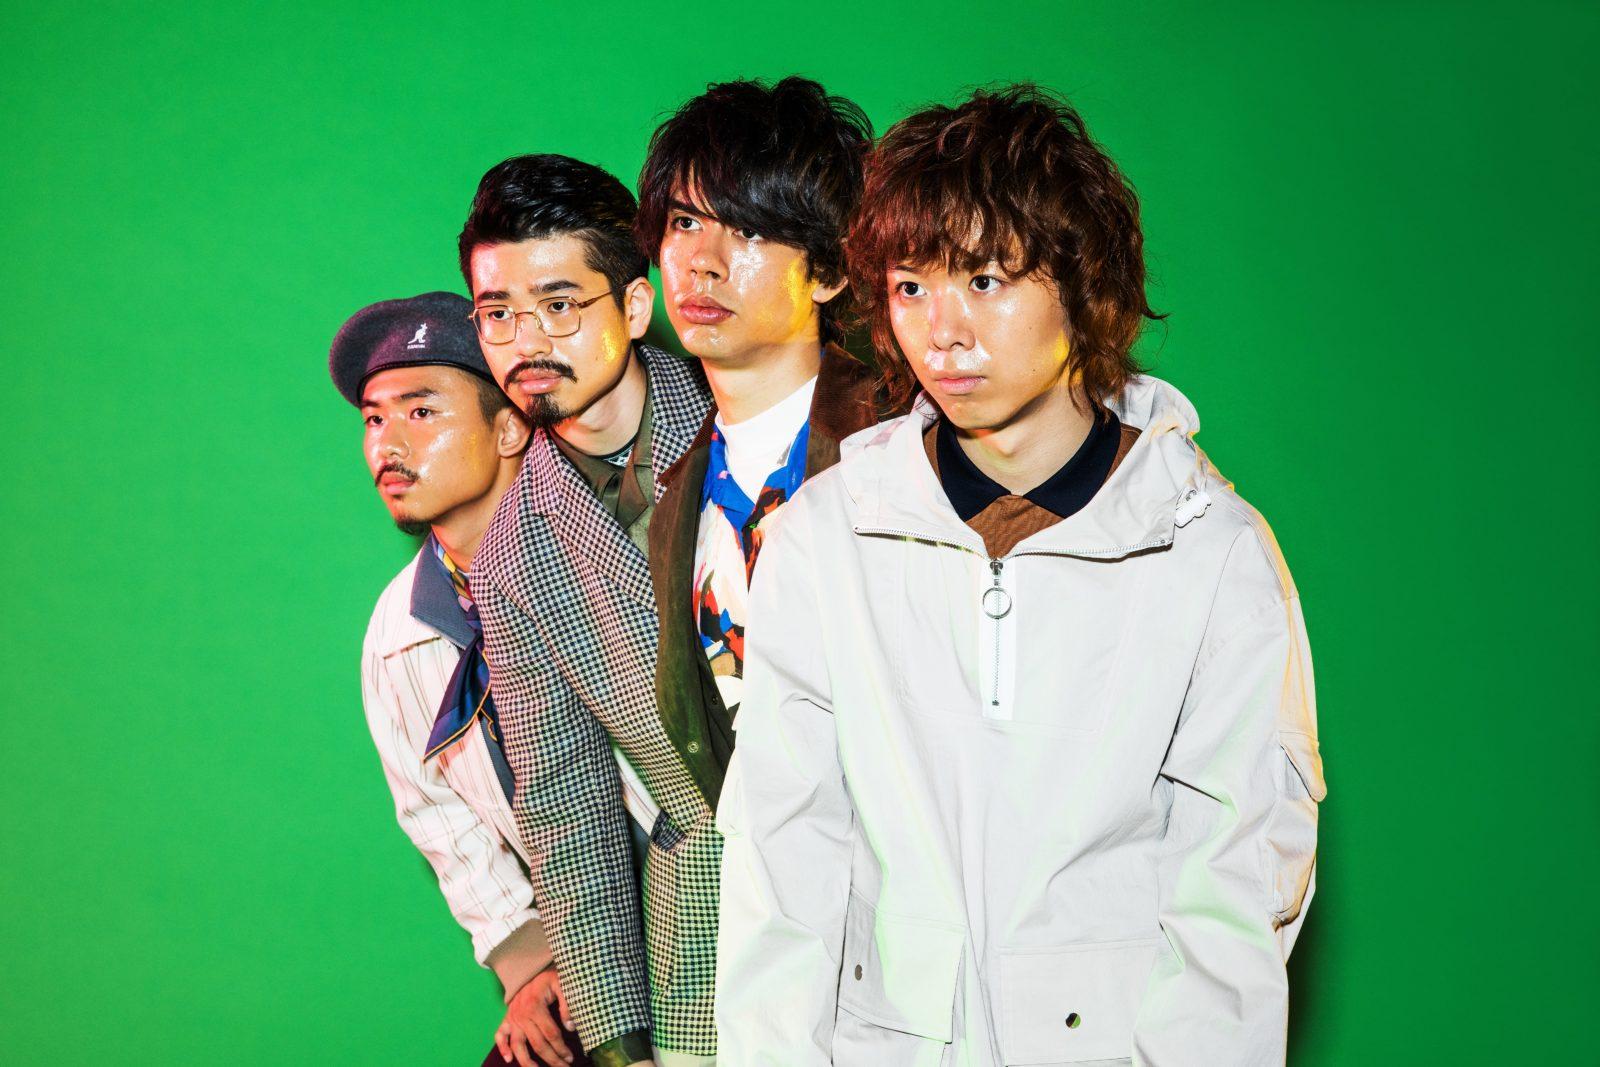 OKAMOTO'Sのメンバーがハマ・オカモトのすごさを明かす 「どこにいてもちゃんと…」サムネイル画像